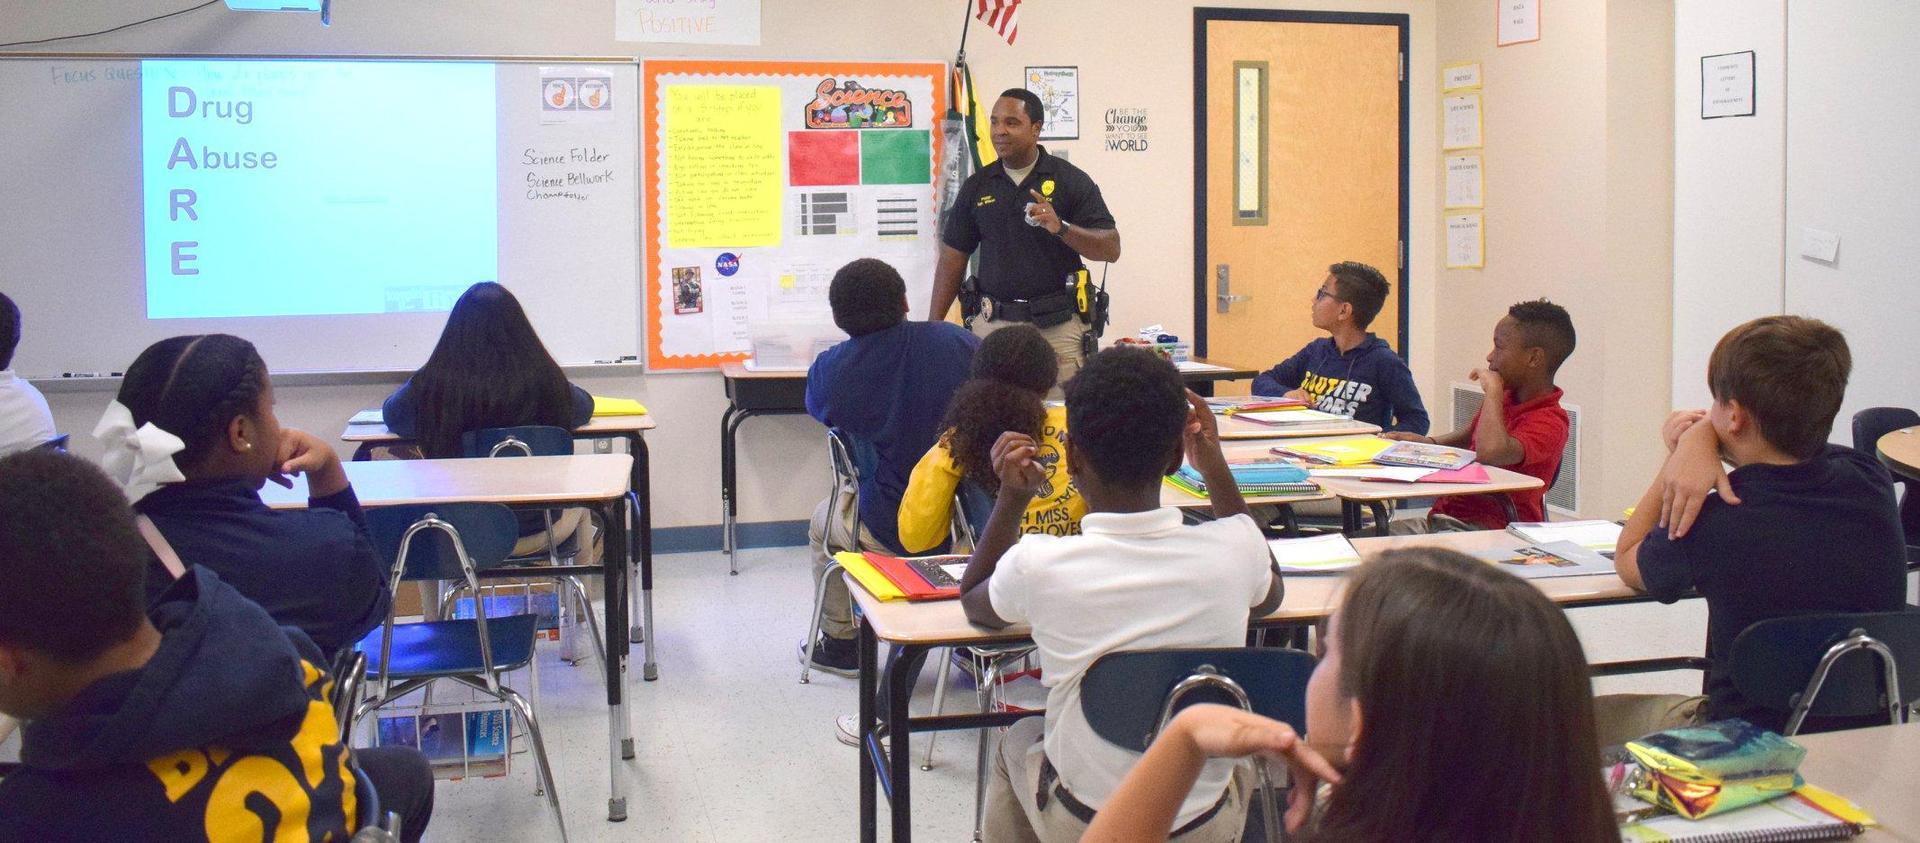 Officer Wilson teaching DARE Program